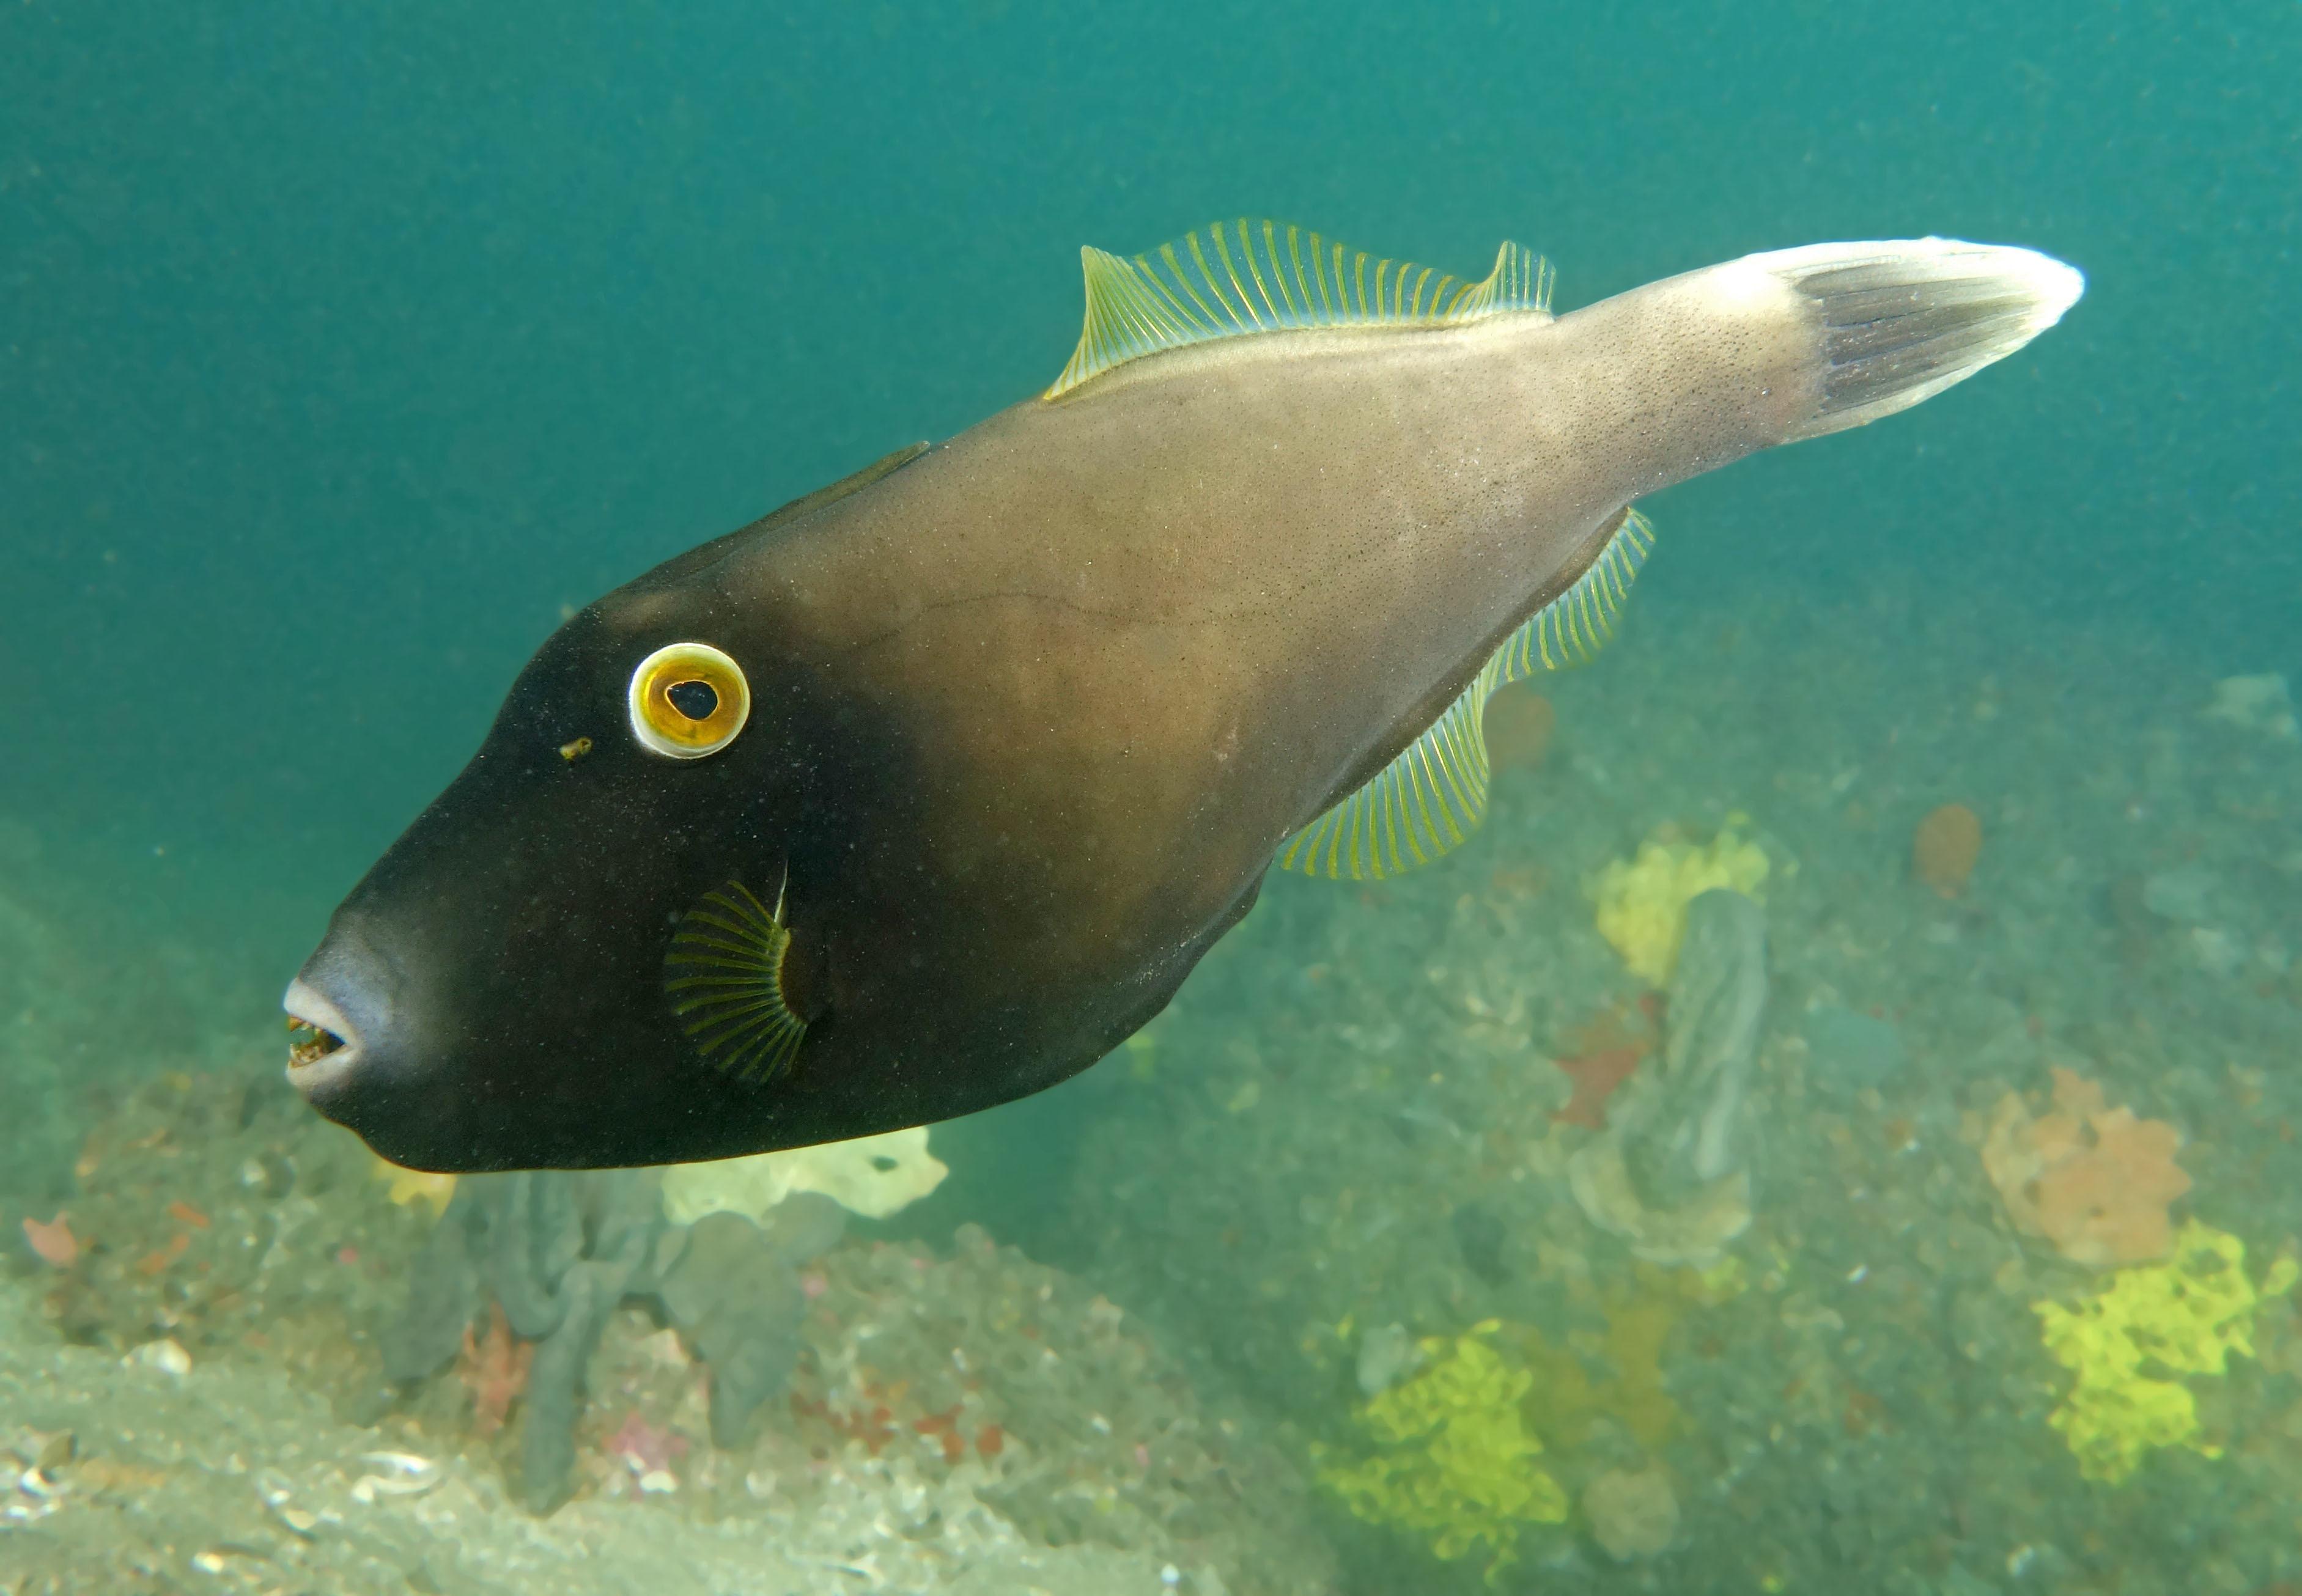 Image of Black reef leatherjacket